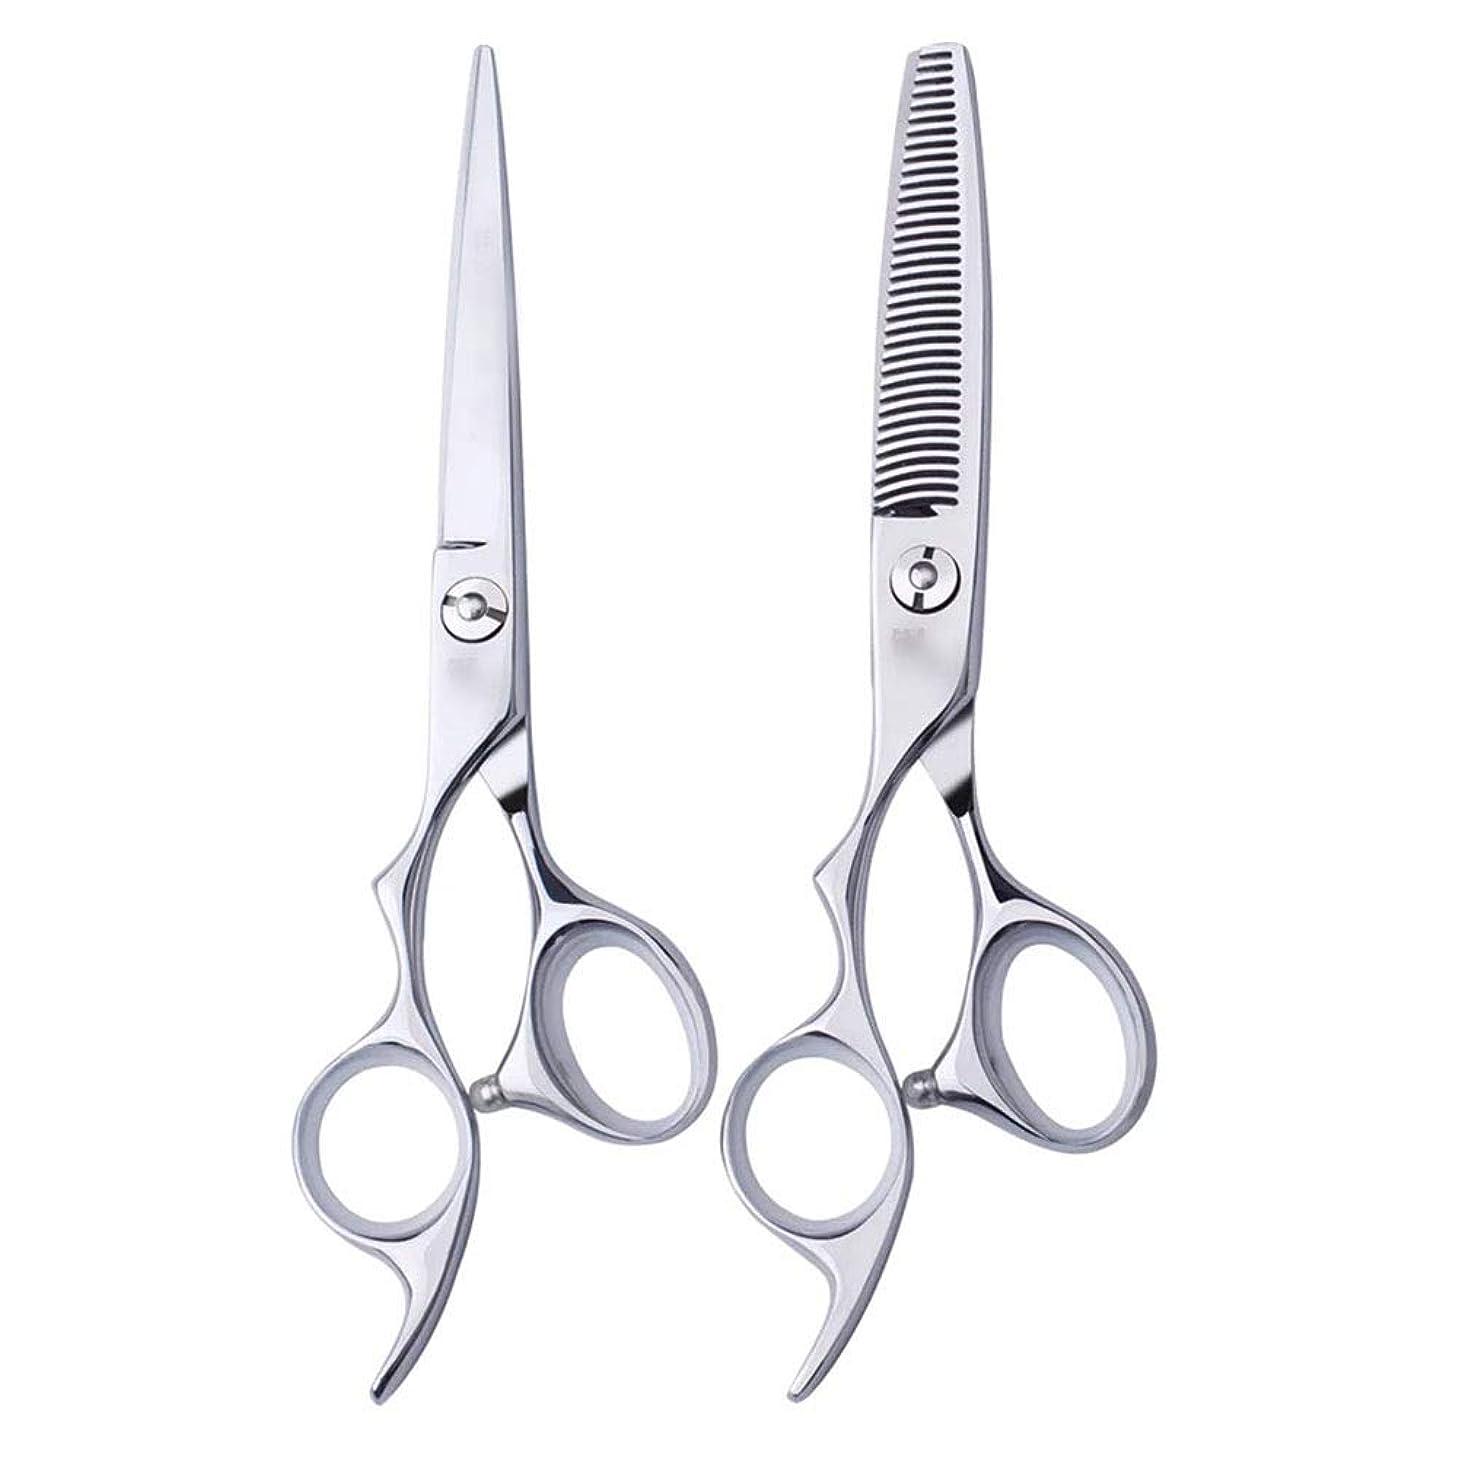 順応性のある報酬のジャンクション6インチ美容院プロのヘアカット左手はさみ理髪はさみ、左利き用特殊理髪はさみプロの本格的なツール モデリングツール (色 : Silver, Design : Flat)